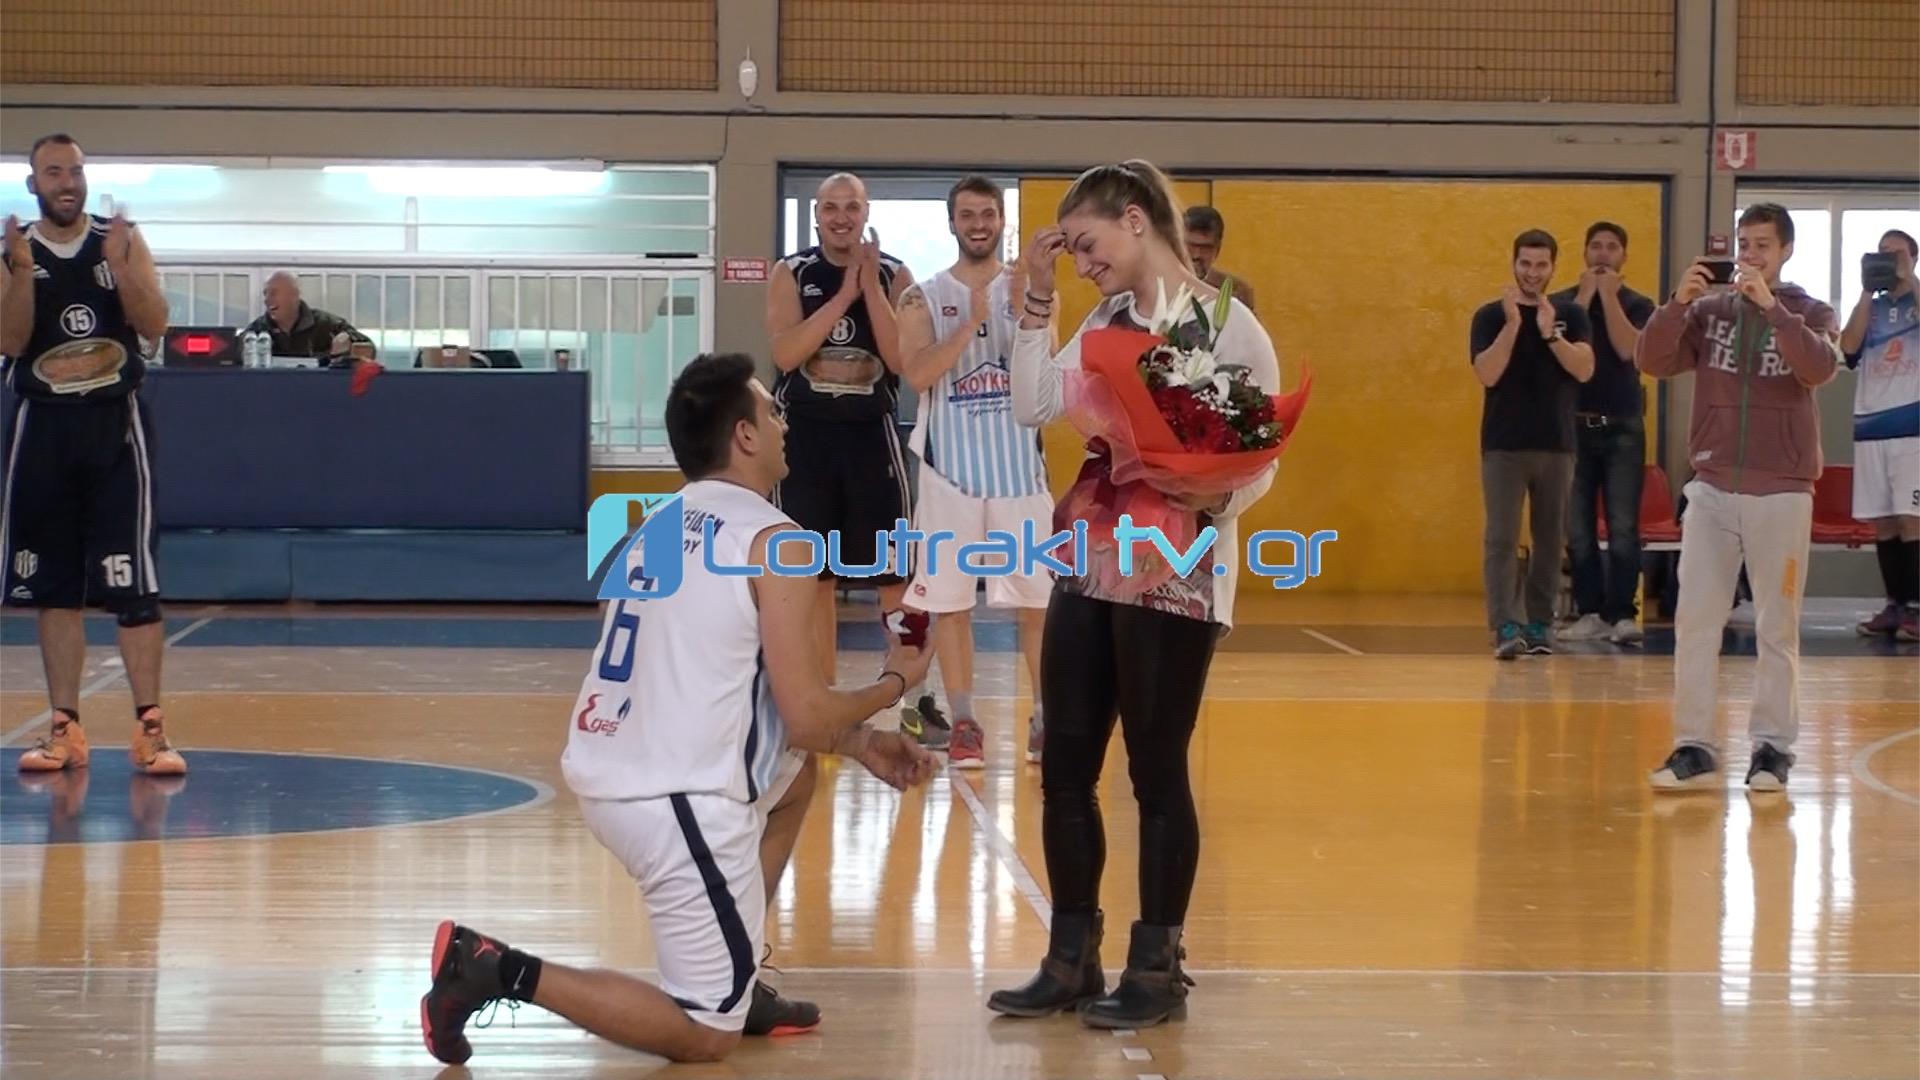 Πρόταση γάμου - έκπληξη από παίκτη του ΠΟΣΕΙΔΩΝΑ Λουτρακίου λίγο πριν τον αγώνα!